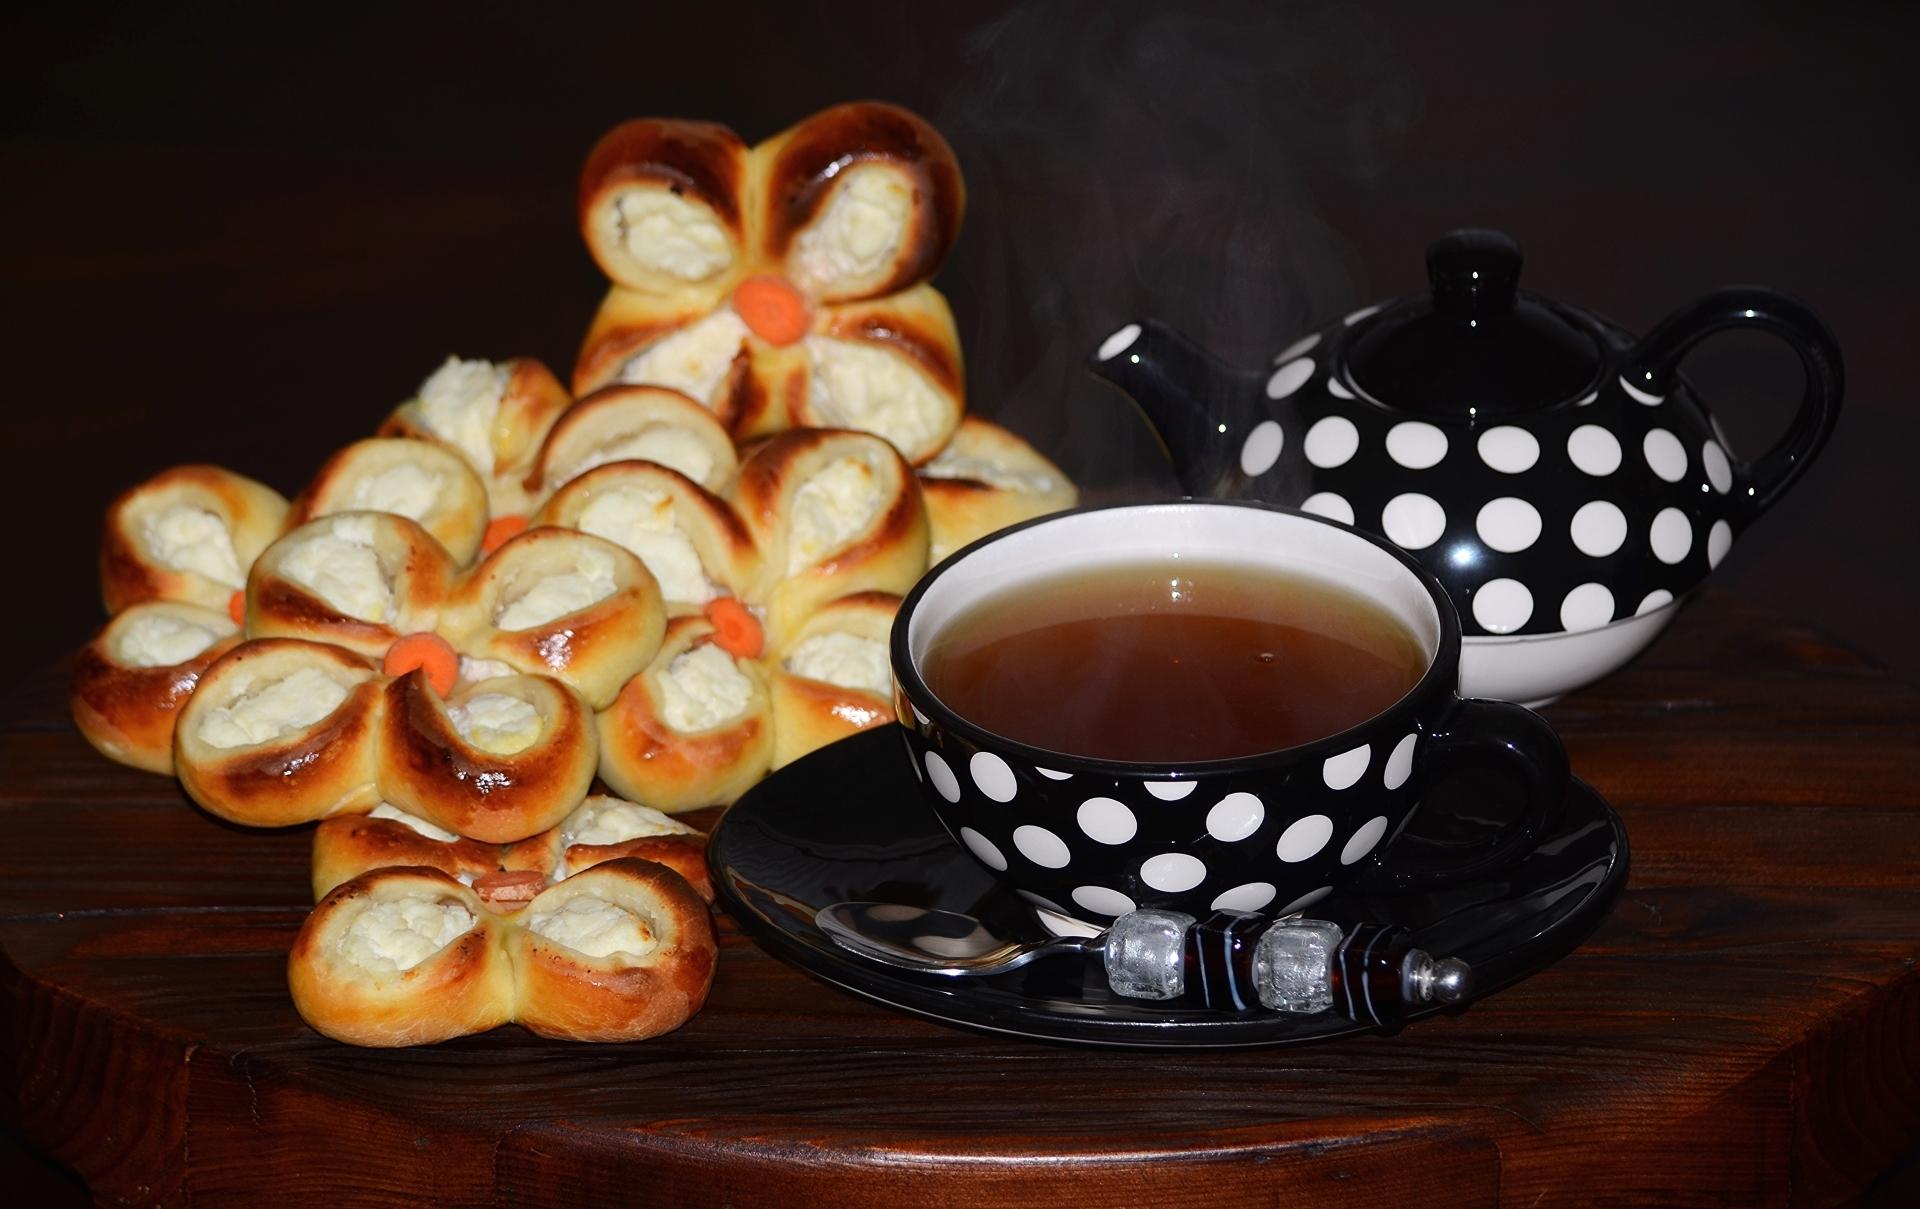 К чаю картинки красивые